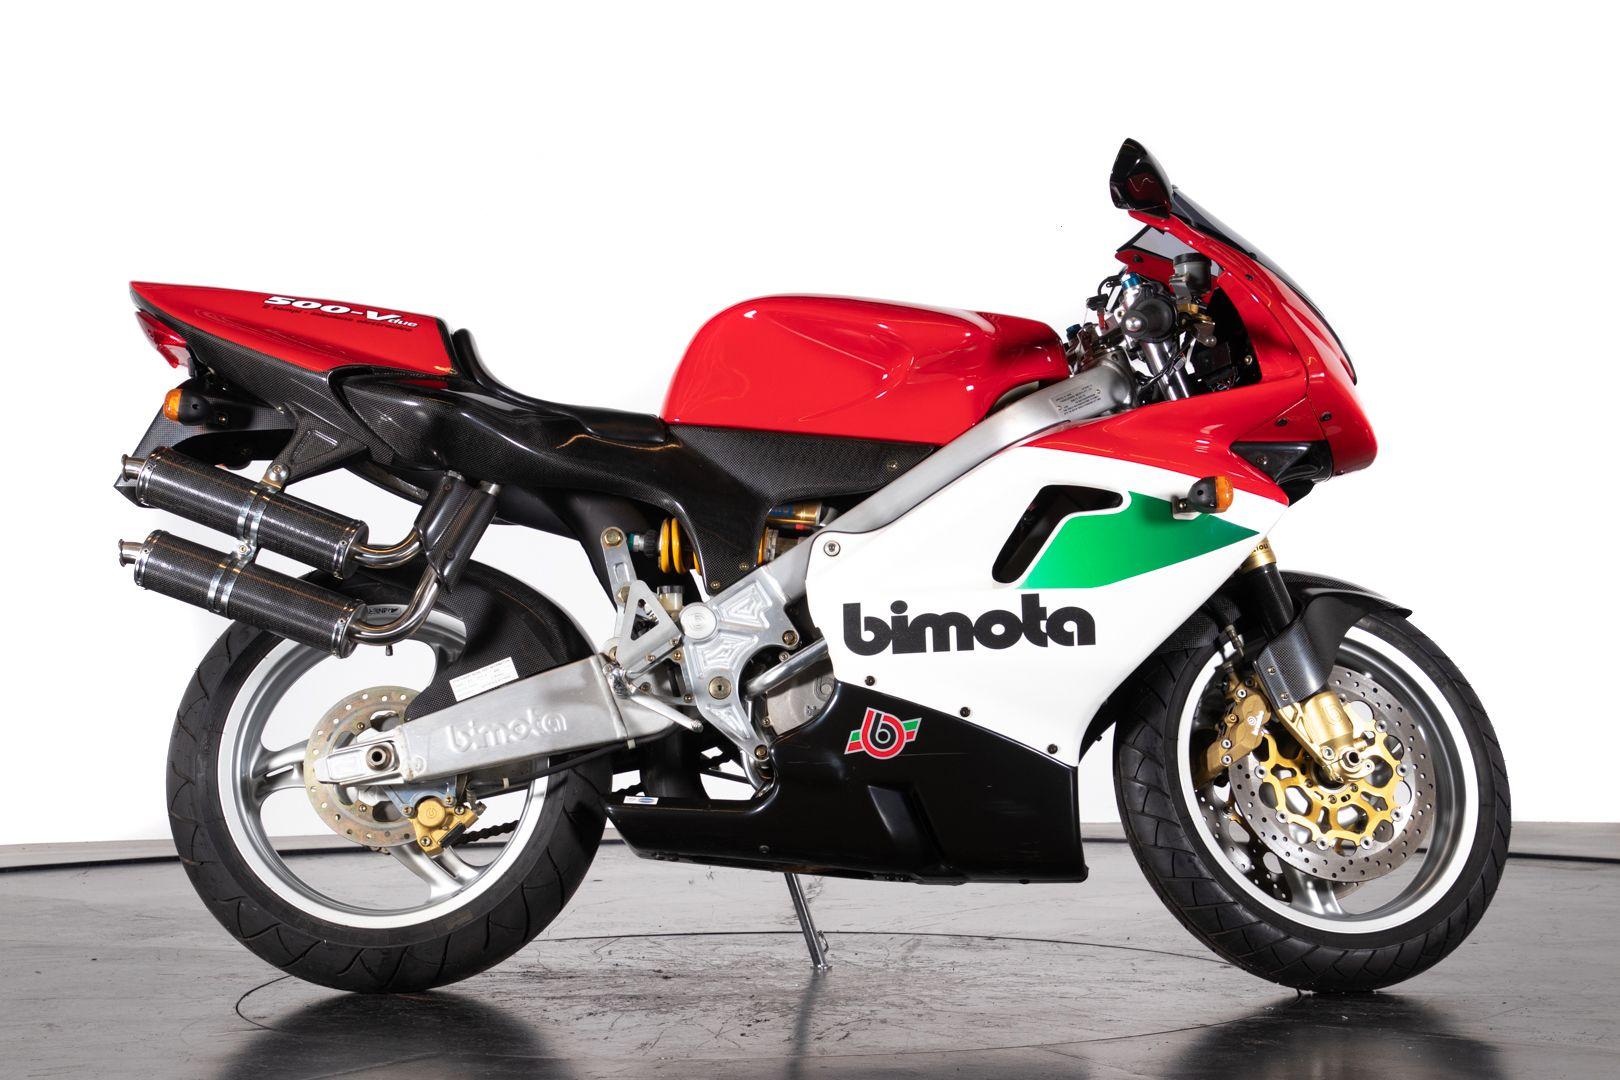 2003 Bimota 500 V-Due 81532